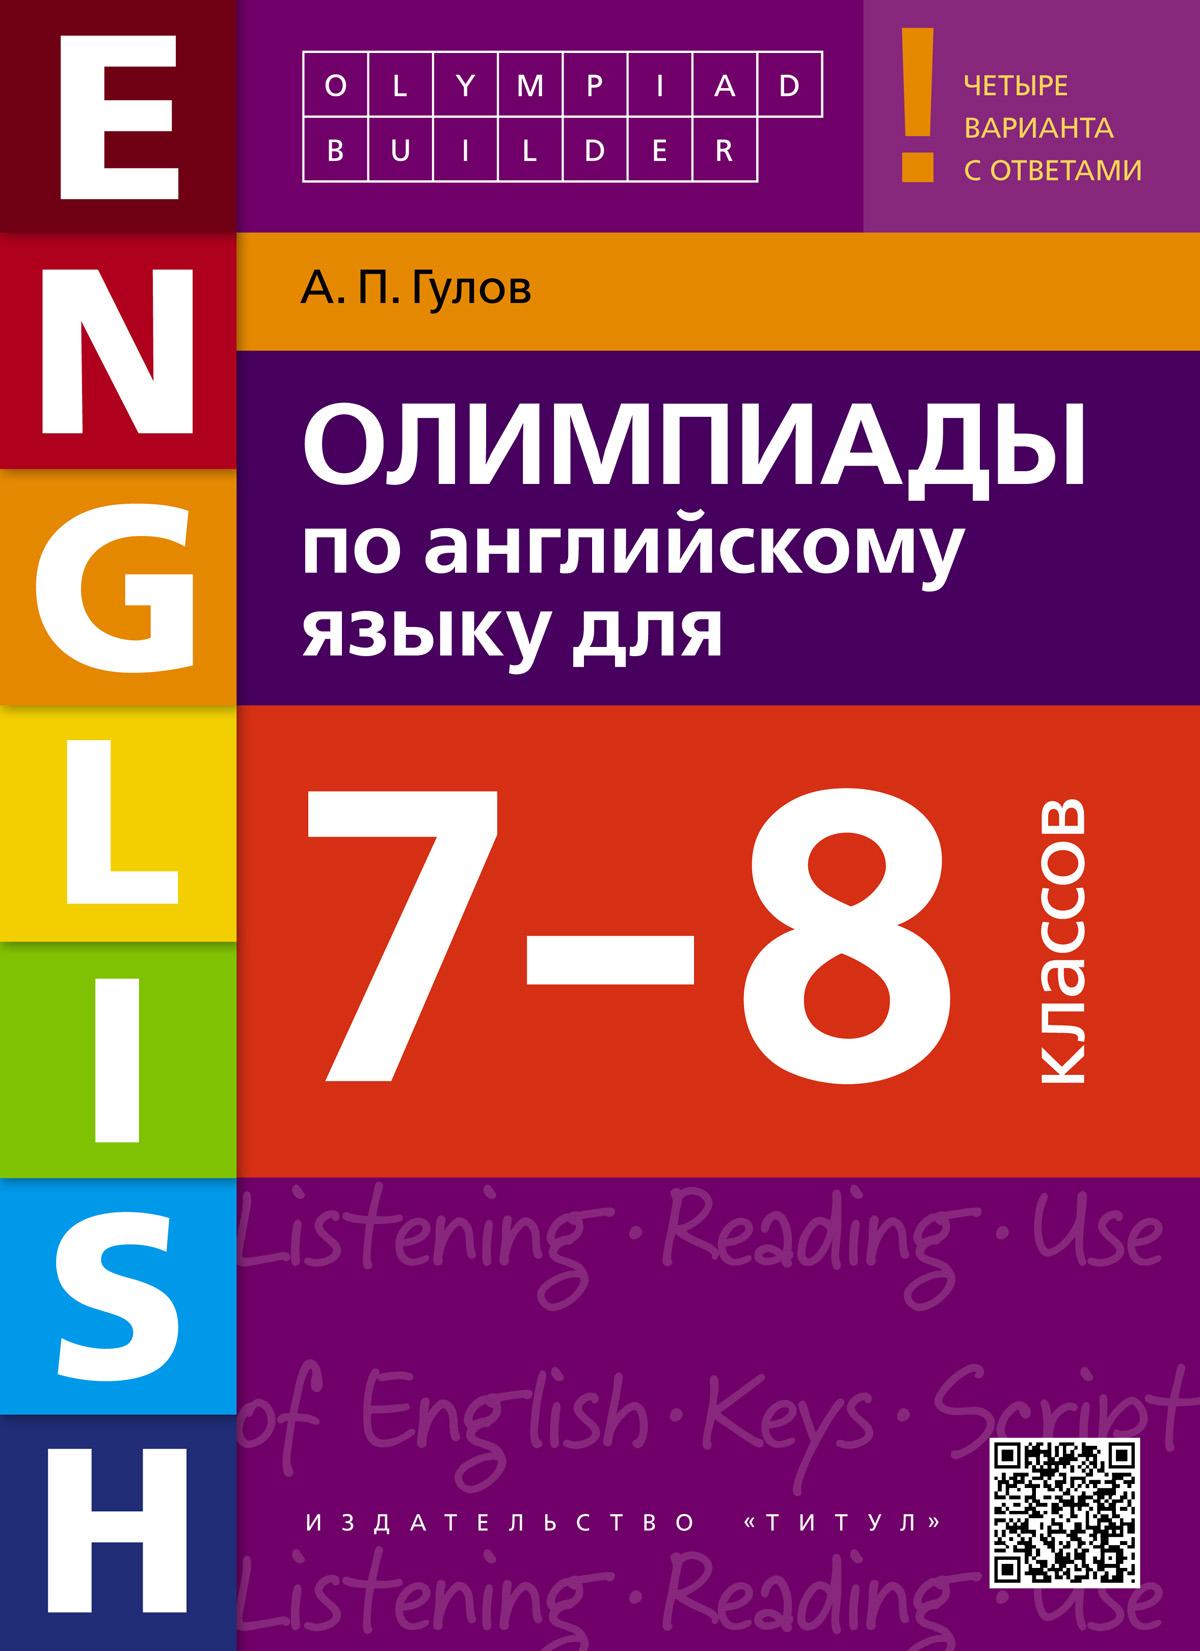 А. П. Гулов Олимпиады по английскому языку для 7-8 классов. Учебное пособие